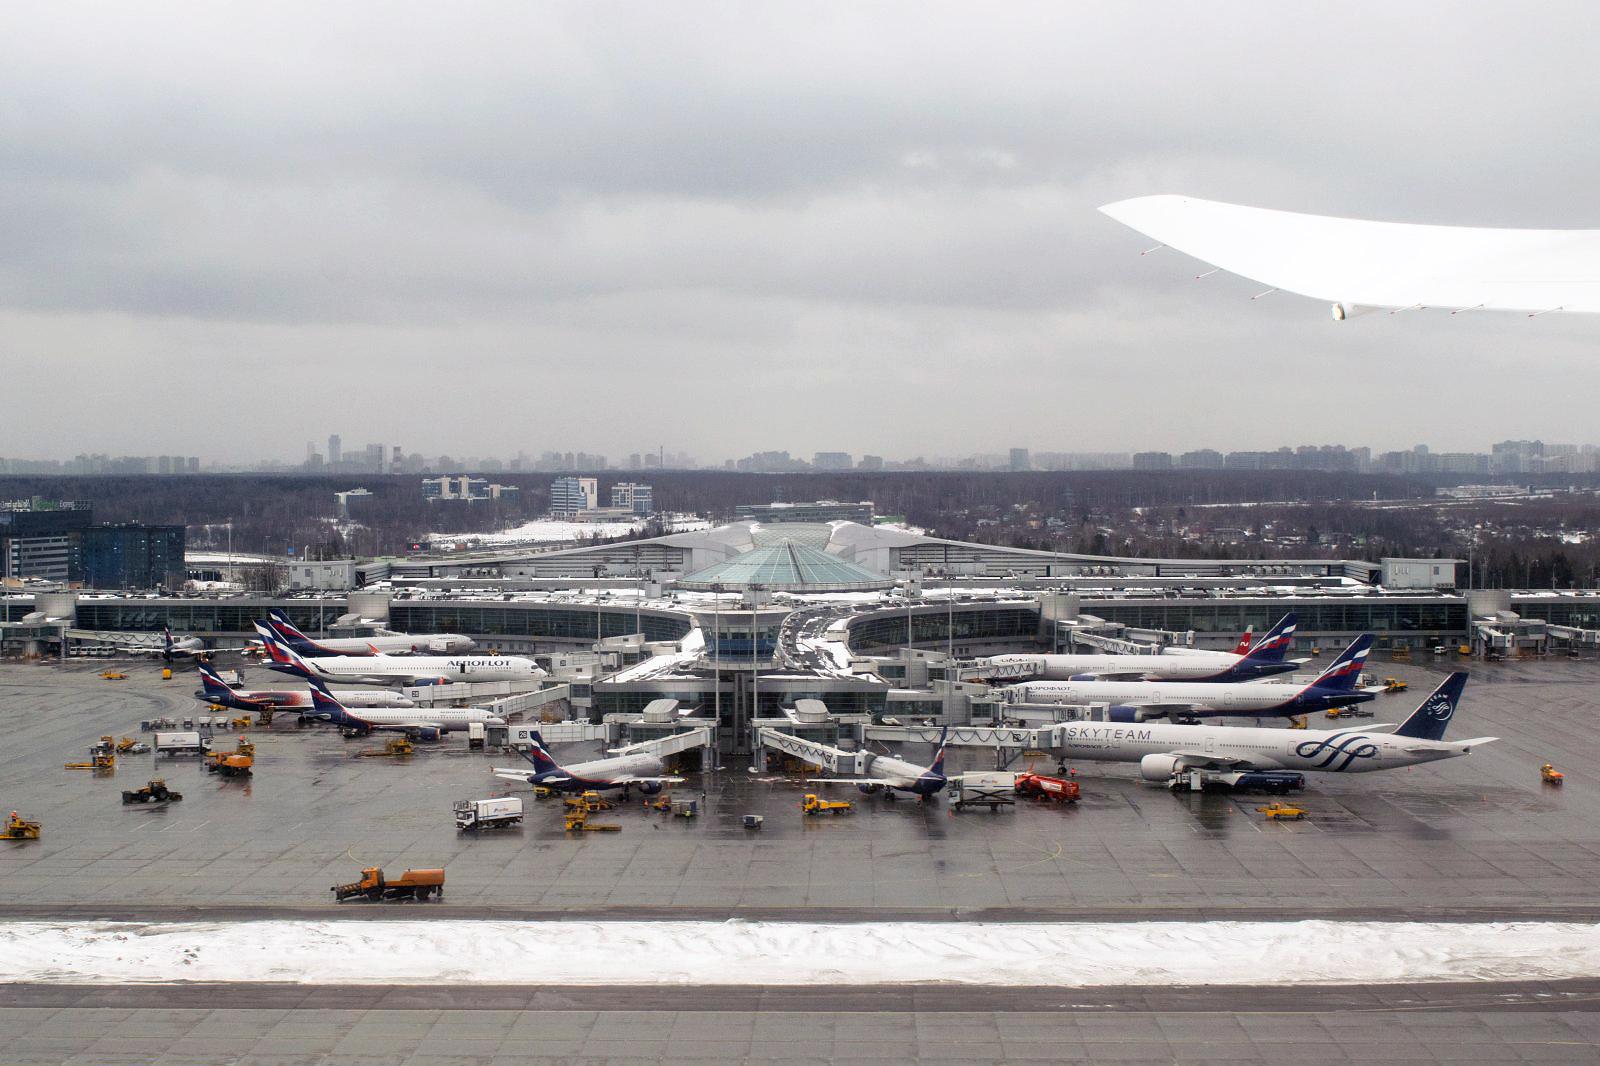 Вид при взлете на терминал D аэропорта Шереметьево